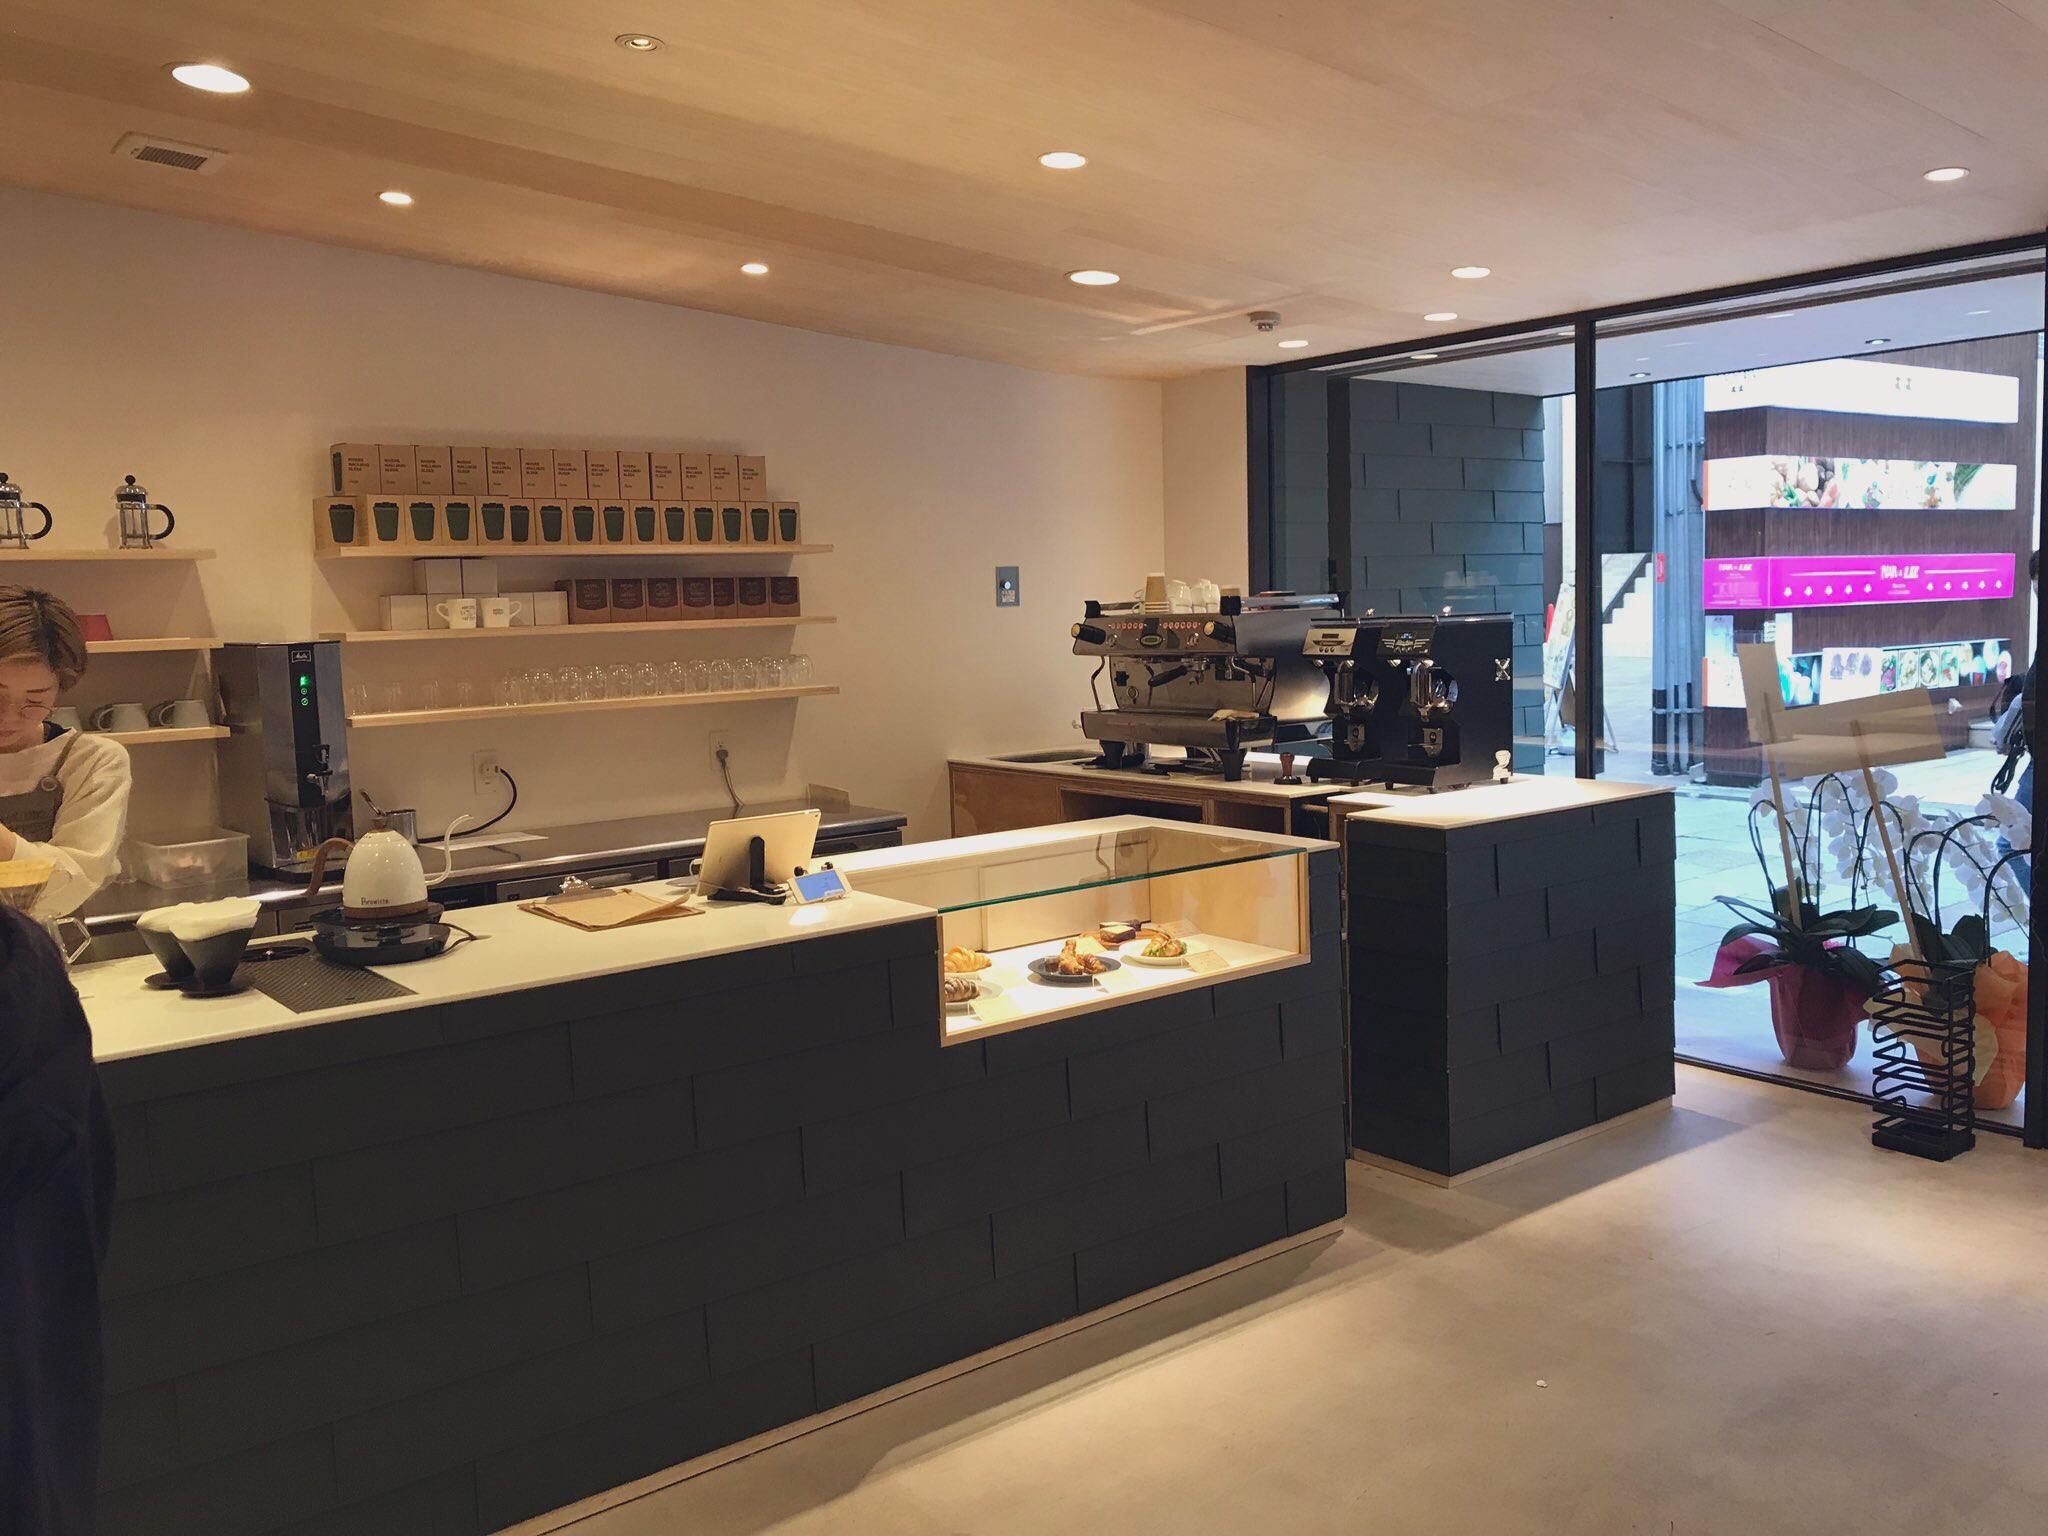 ロクメイコーヒー奈良本店 奈良市のオシャレカフェ